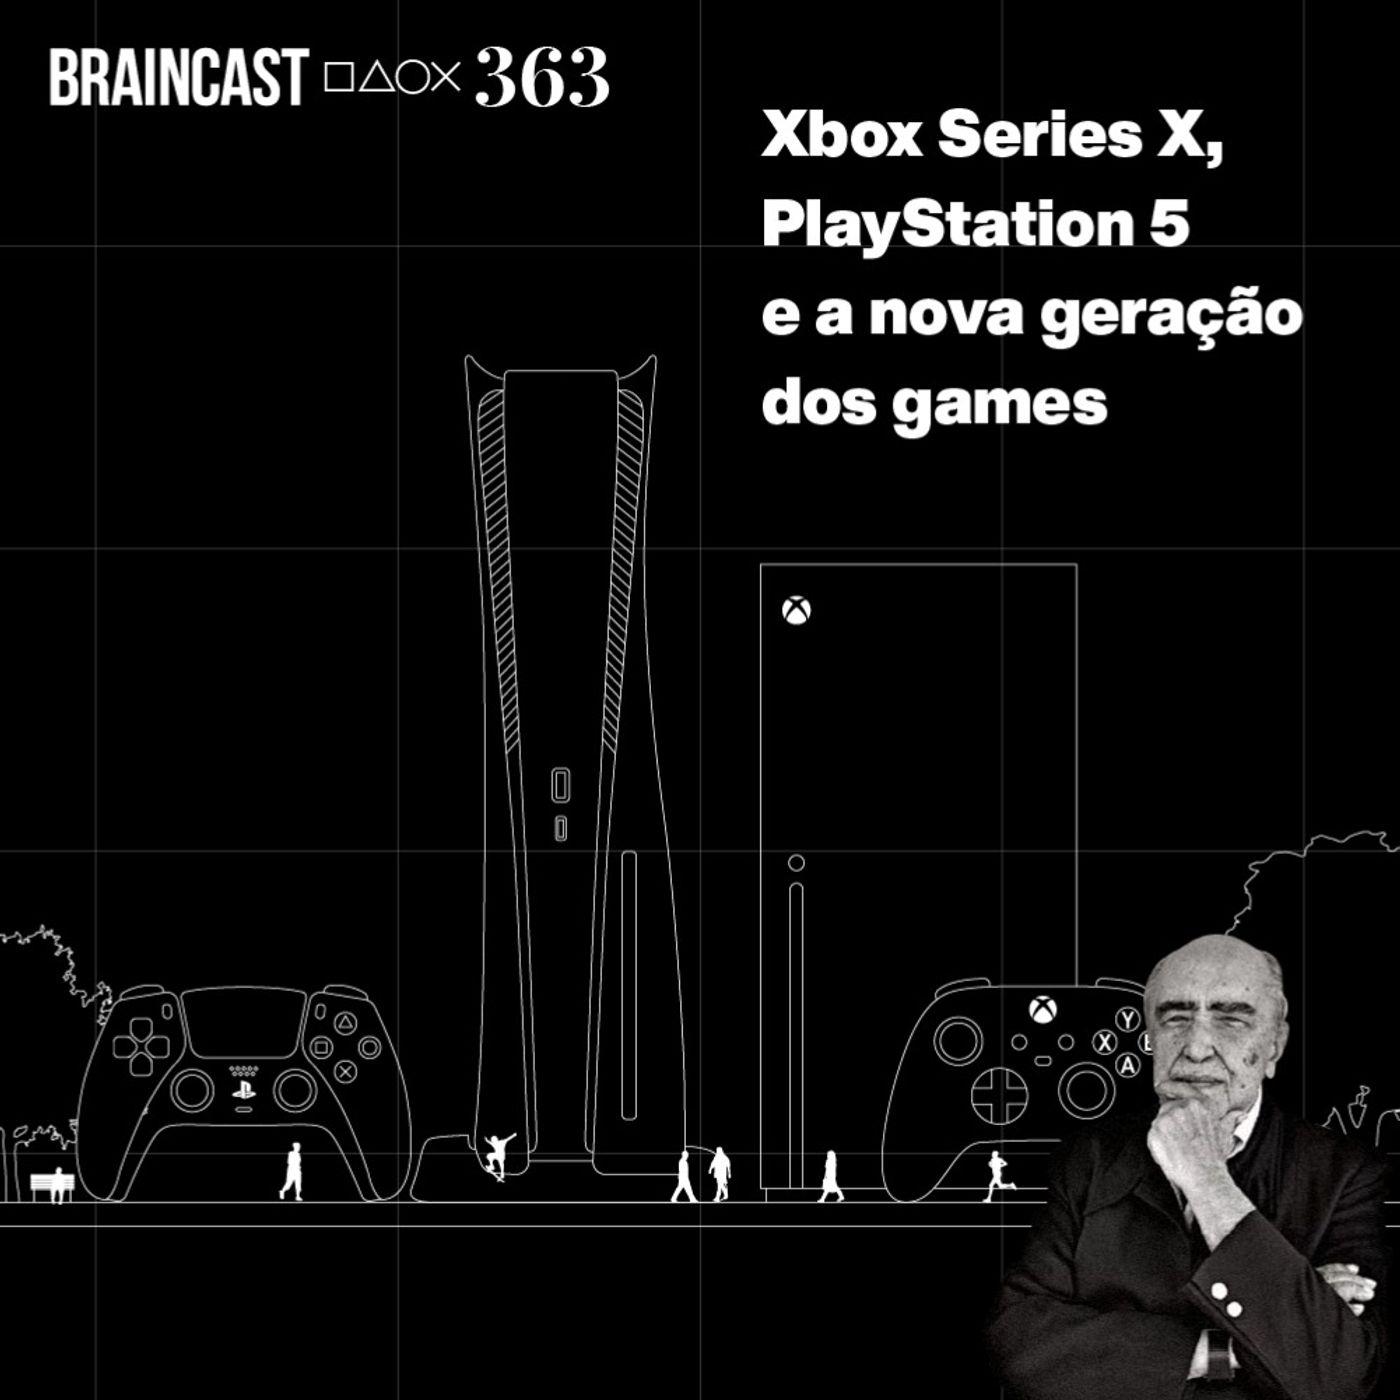 Xbox Series X, PlayStation 5 e a nova geração dos games